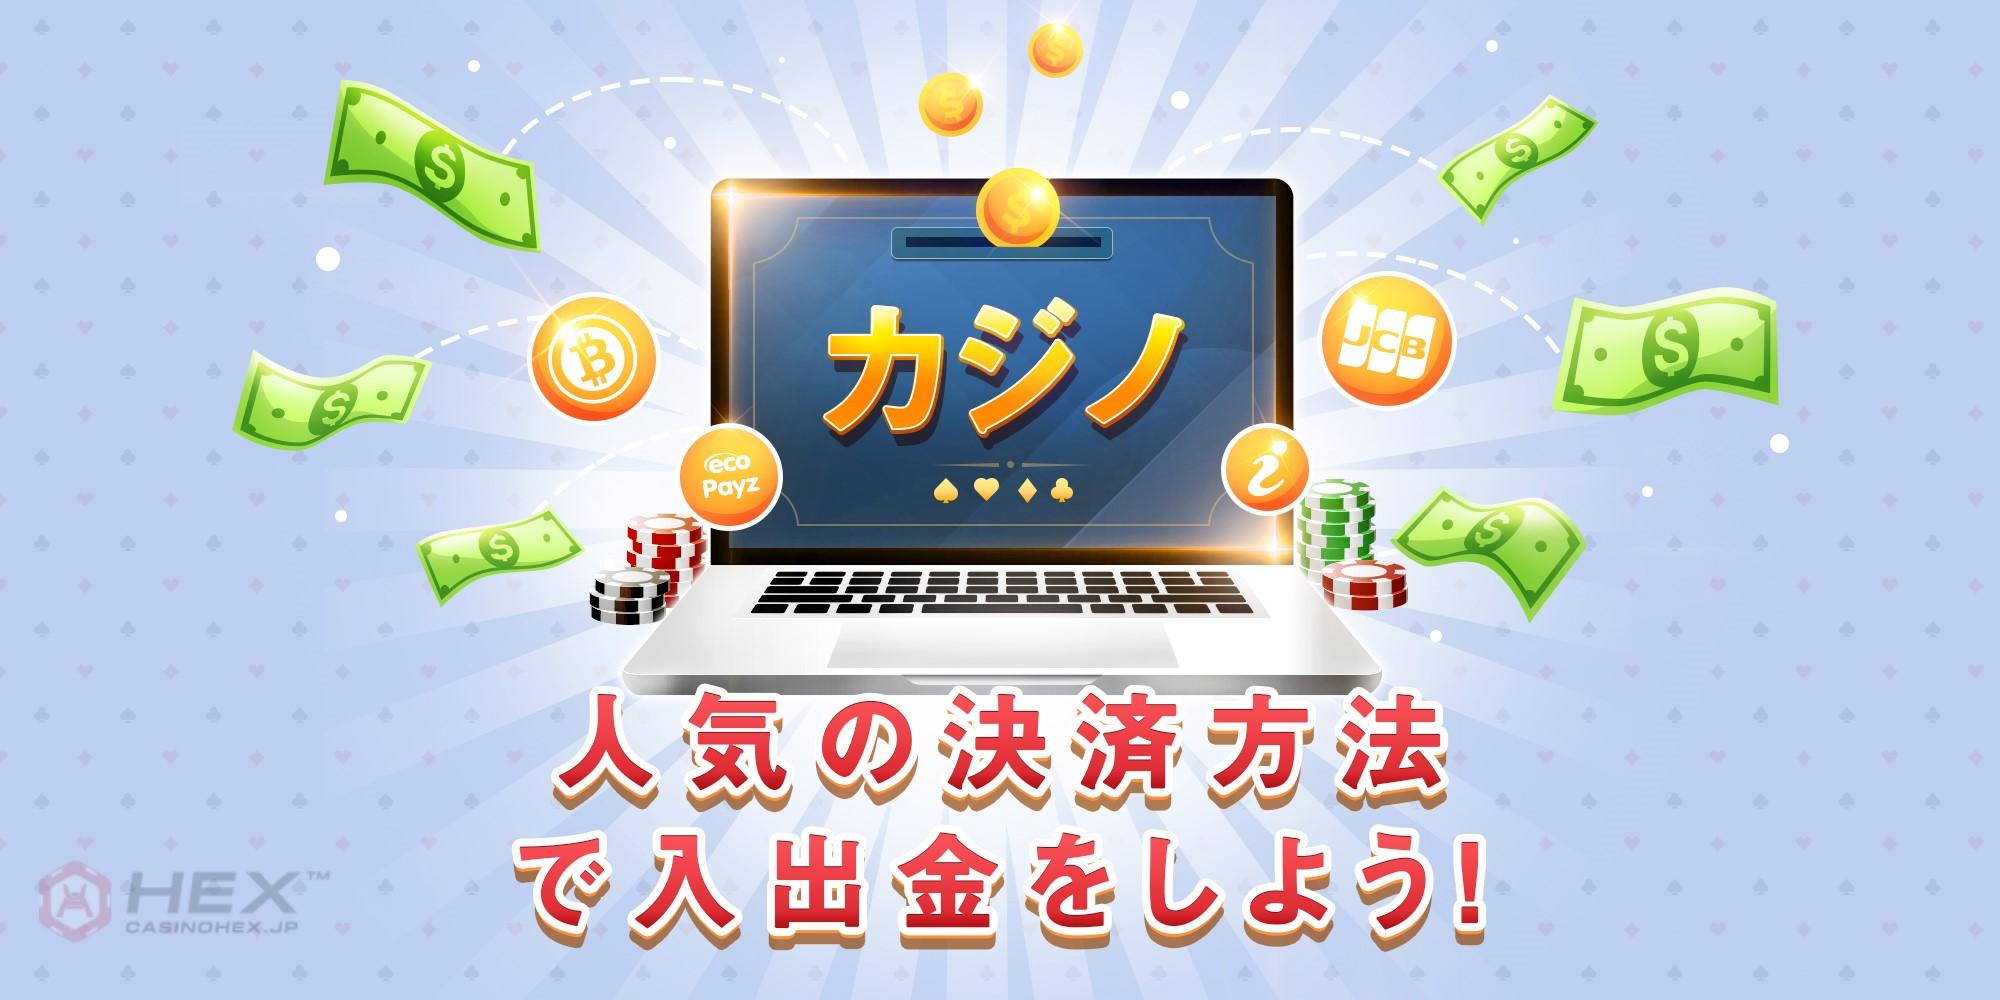 パソコンでオンラインカジノ 出金をしましょう